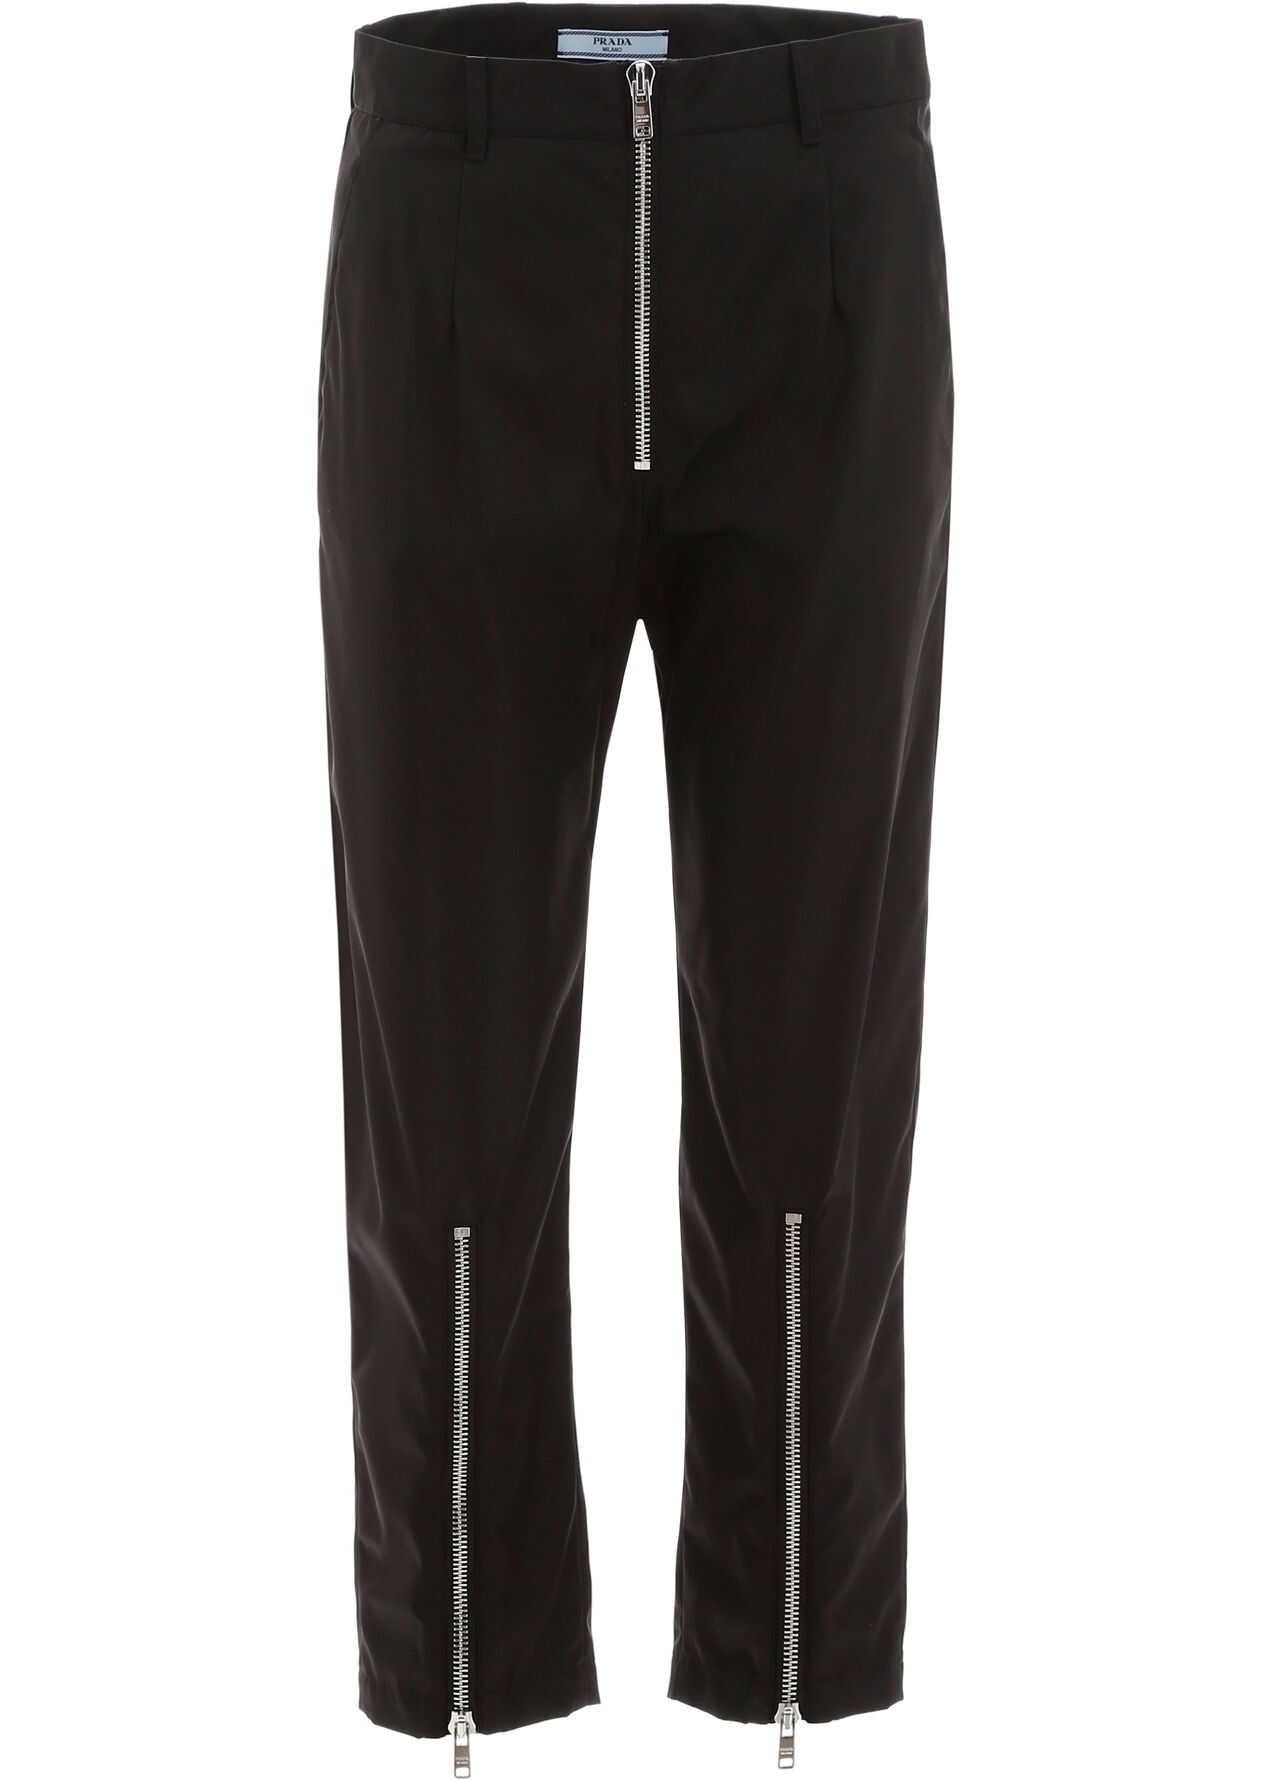 Prada Nylon Trousers NERO NIKEL